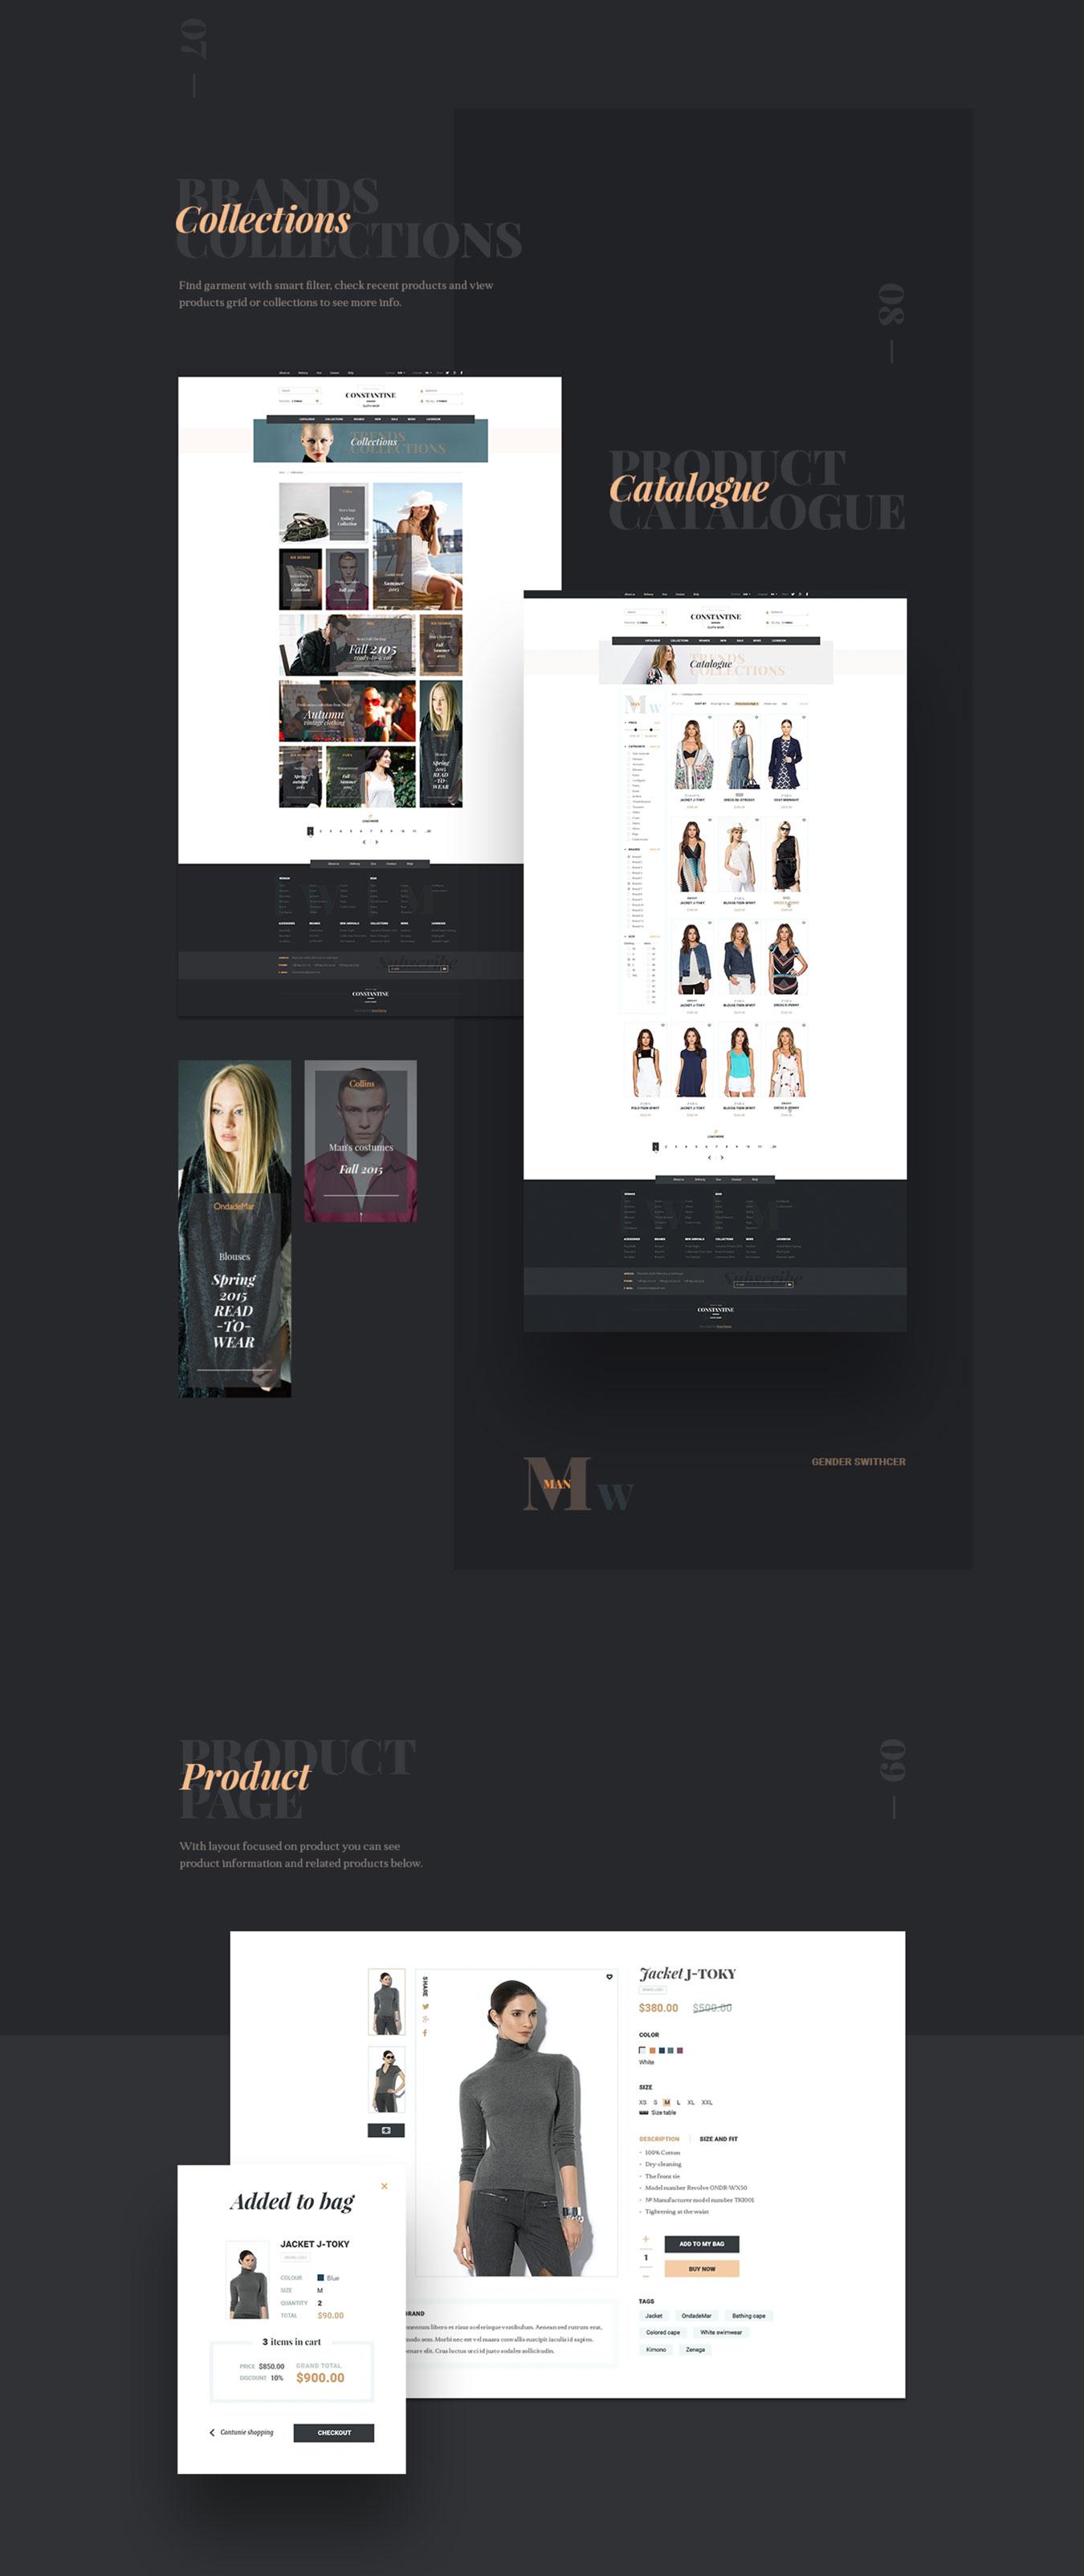 高端服装品牌电子商务网站PSD模板 Constantine插图(2)